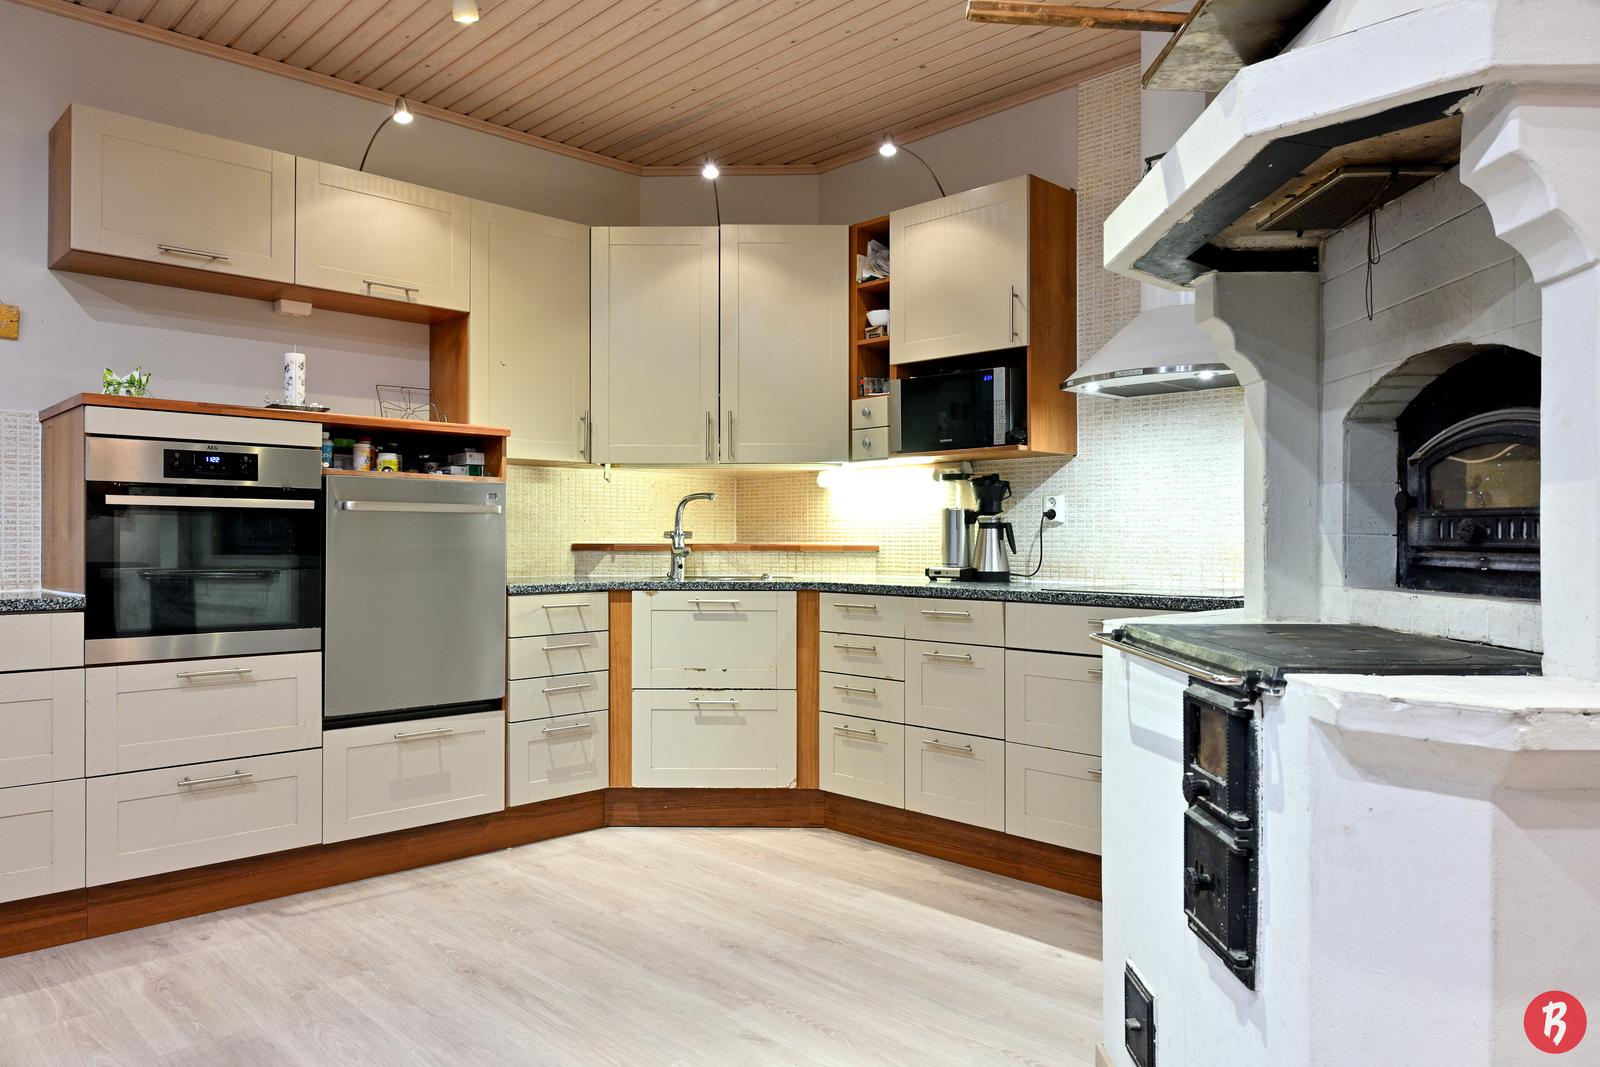 Keittiössä mahtuu useampikin kokki ja leipuri työskentelemään samaan aikaan.